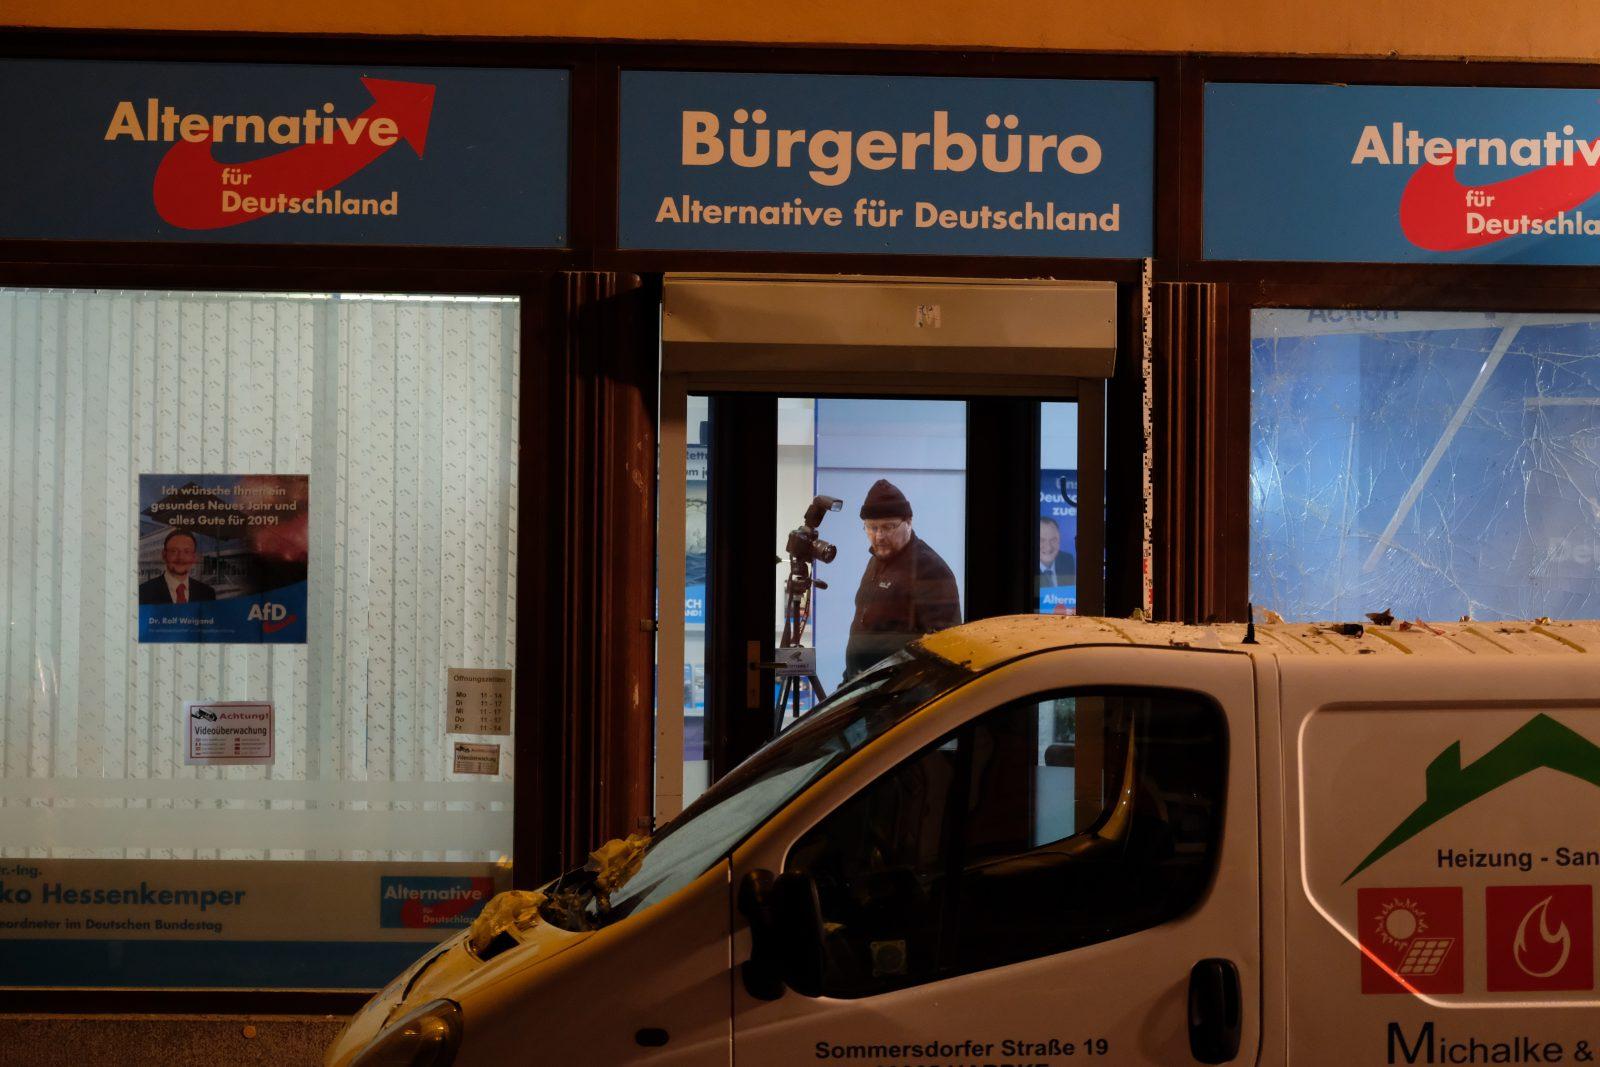 Polizisten ermitteln nach einem Anschlag auf ein AfD-Büro (Archivbild) Foto: picture alliance/Sebastian Willnow/dpa-Zentralbild/dpa